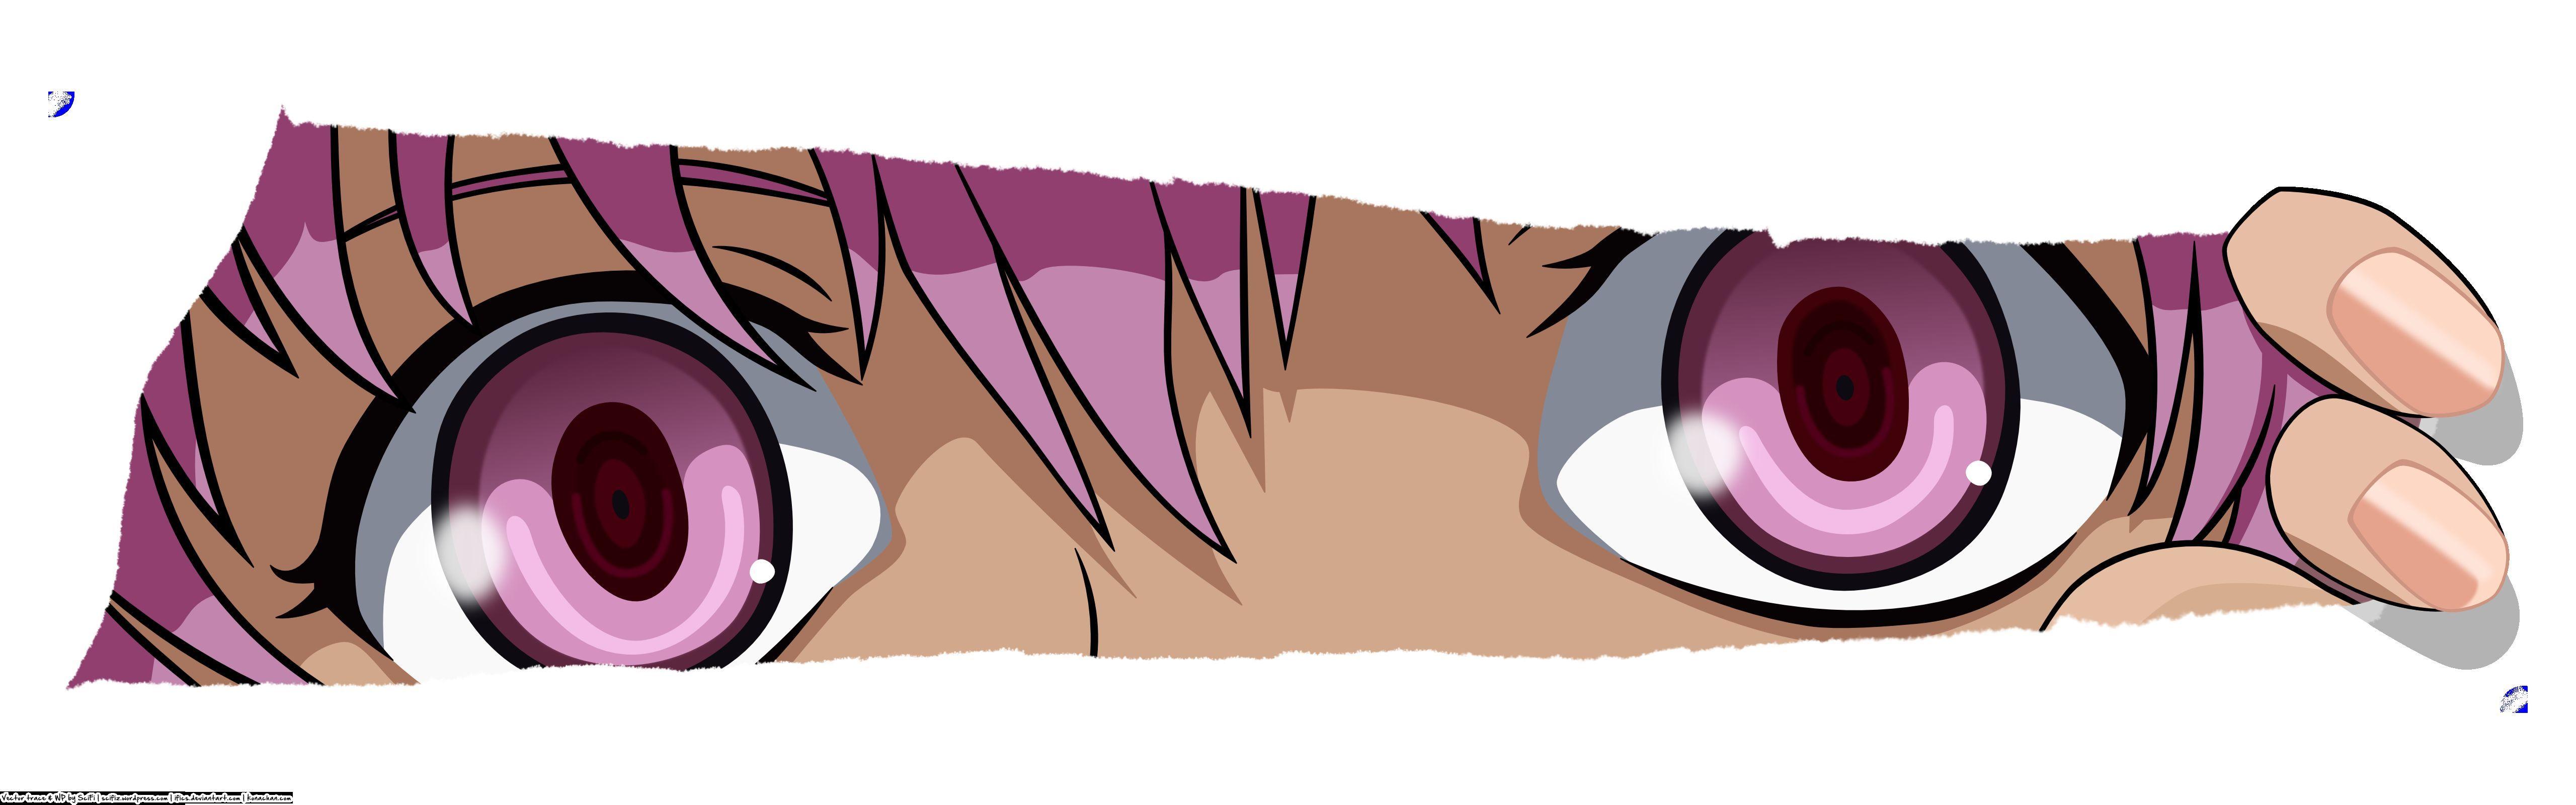 ¿Cual es el apellido de Yuno (protagonista)?